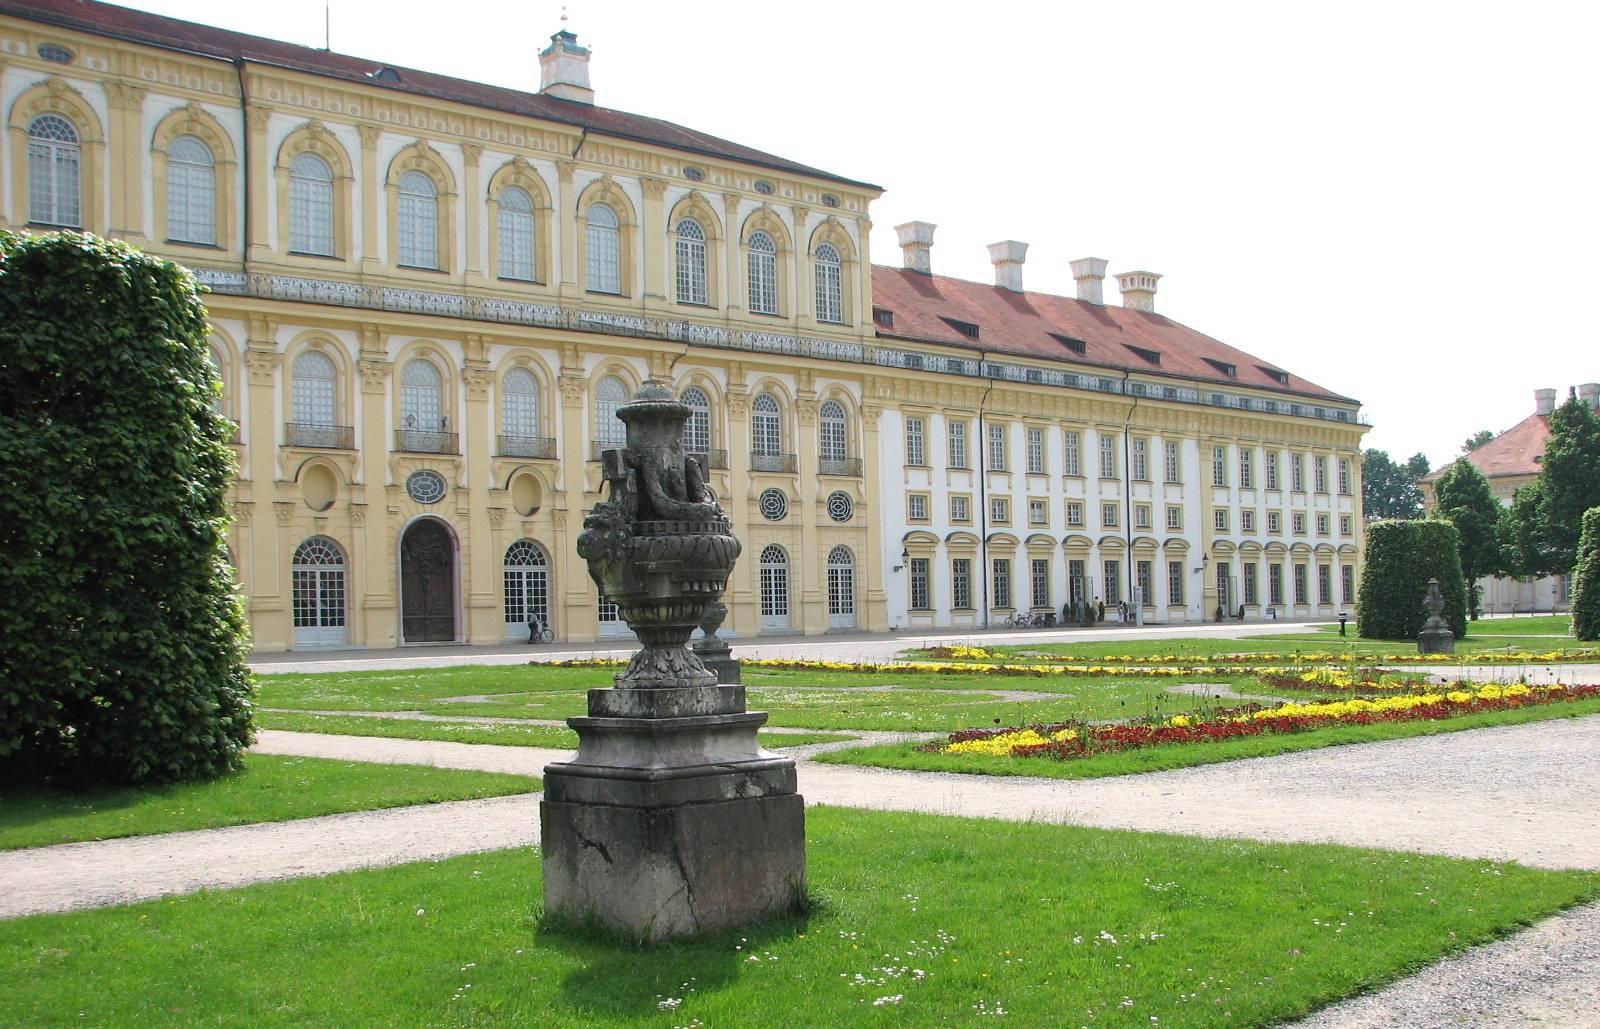 27 достопримечательностей мюнхена и окрестностей: что посмотреть в первую очередь, куда сходить за один день, что посетить зимой и летом